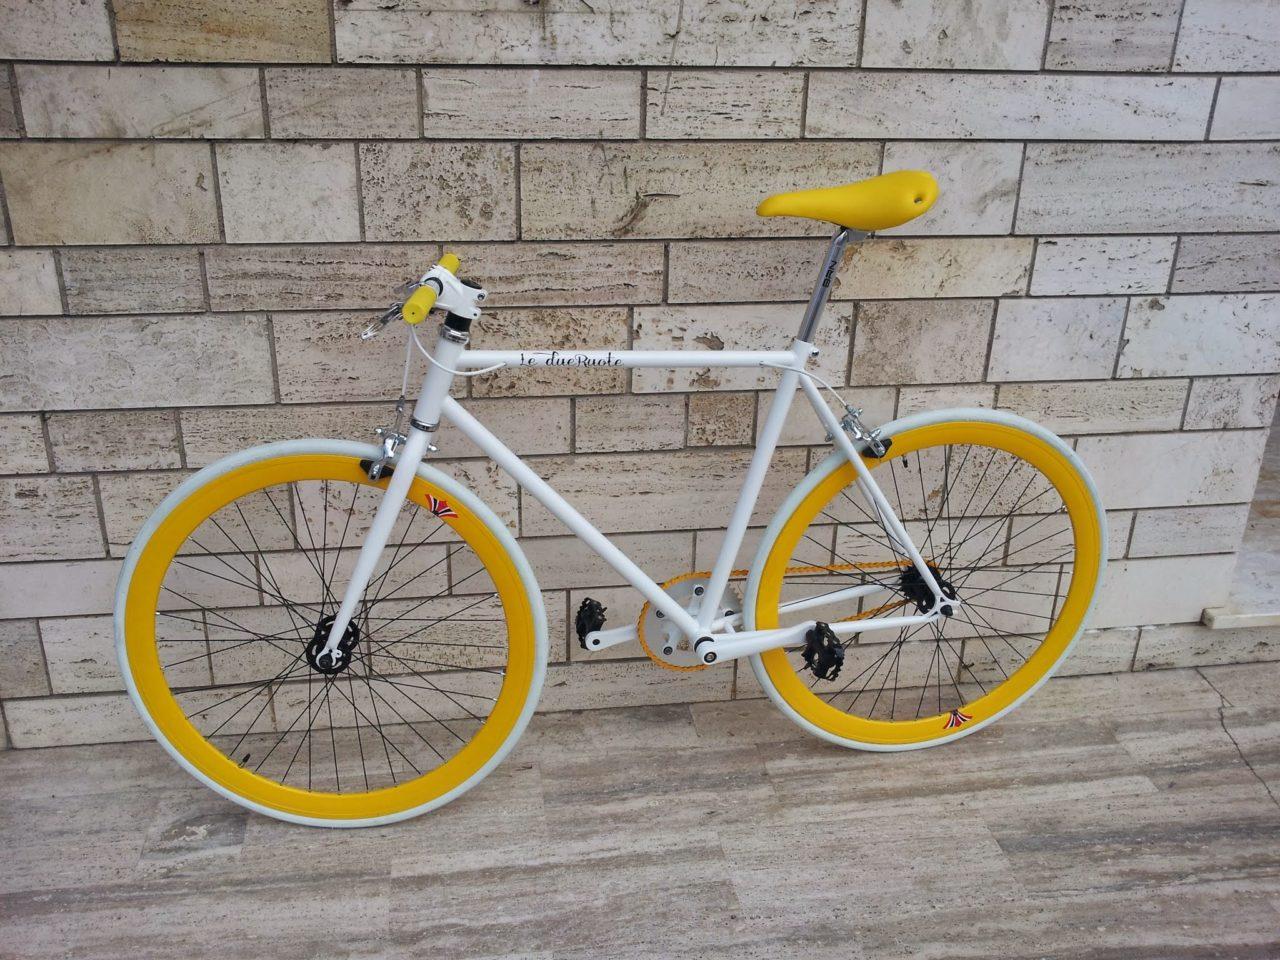 Bici Fixed Assemblata Da Le Due Ruote Bianca Con Componenti Gialli